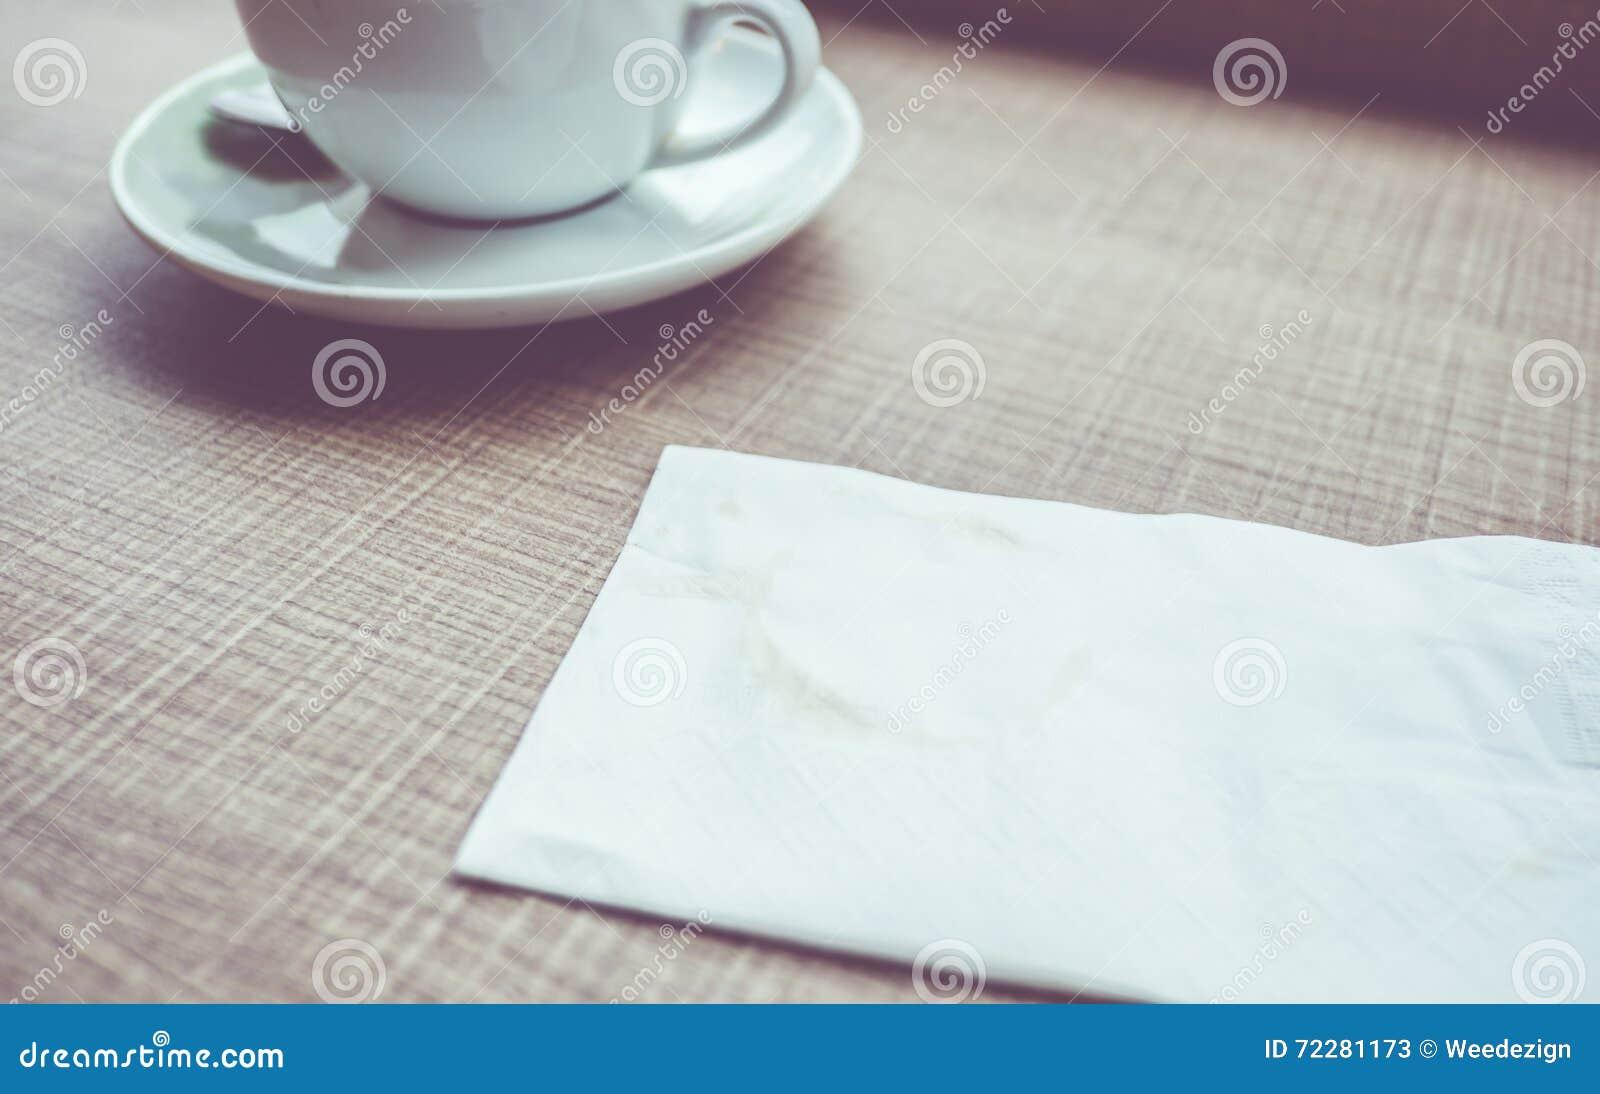 Download Винтажный фильтр: Салфетка с пятном кофе на деревянной таблице Стоковое Изображение - изображение насчитывающей напитка, уговариваний: 72281173